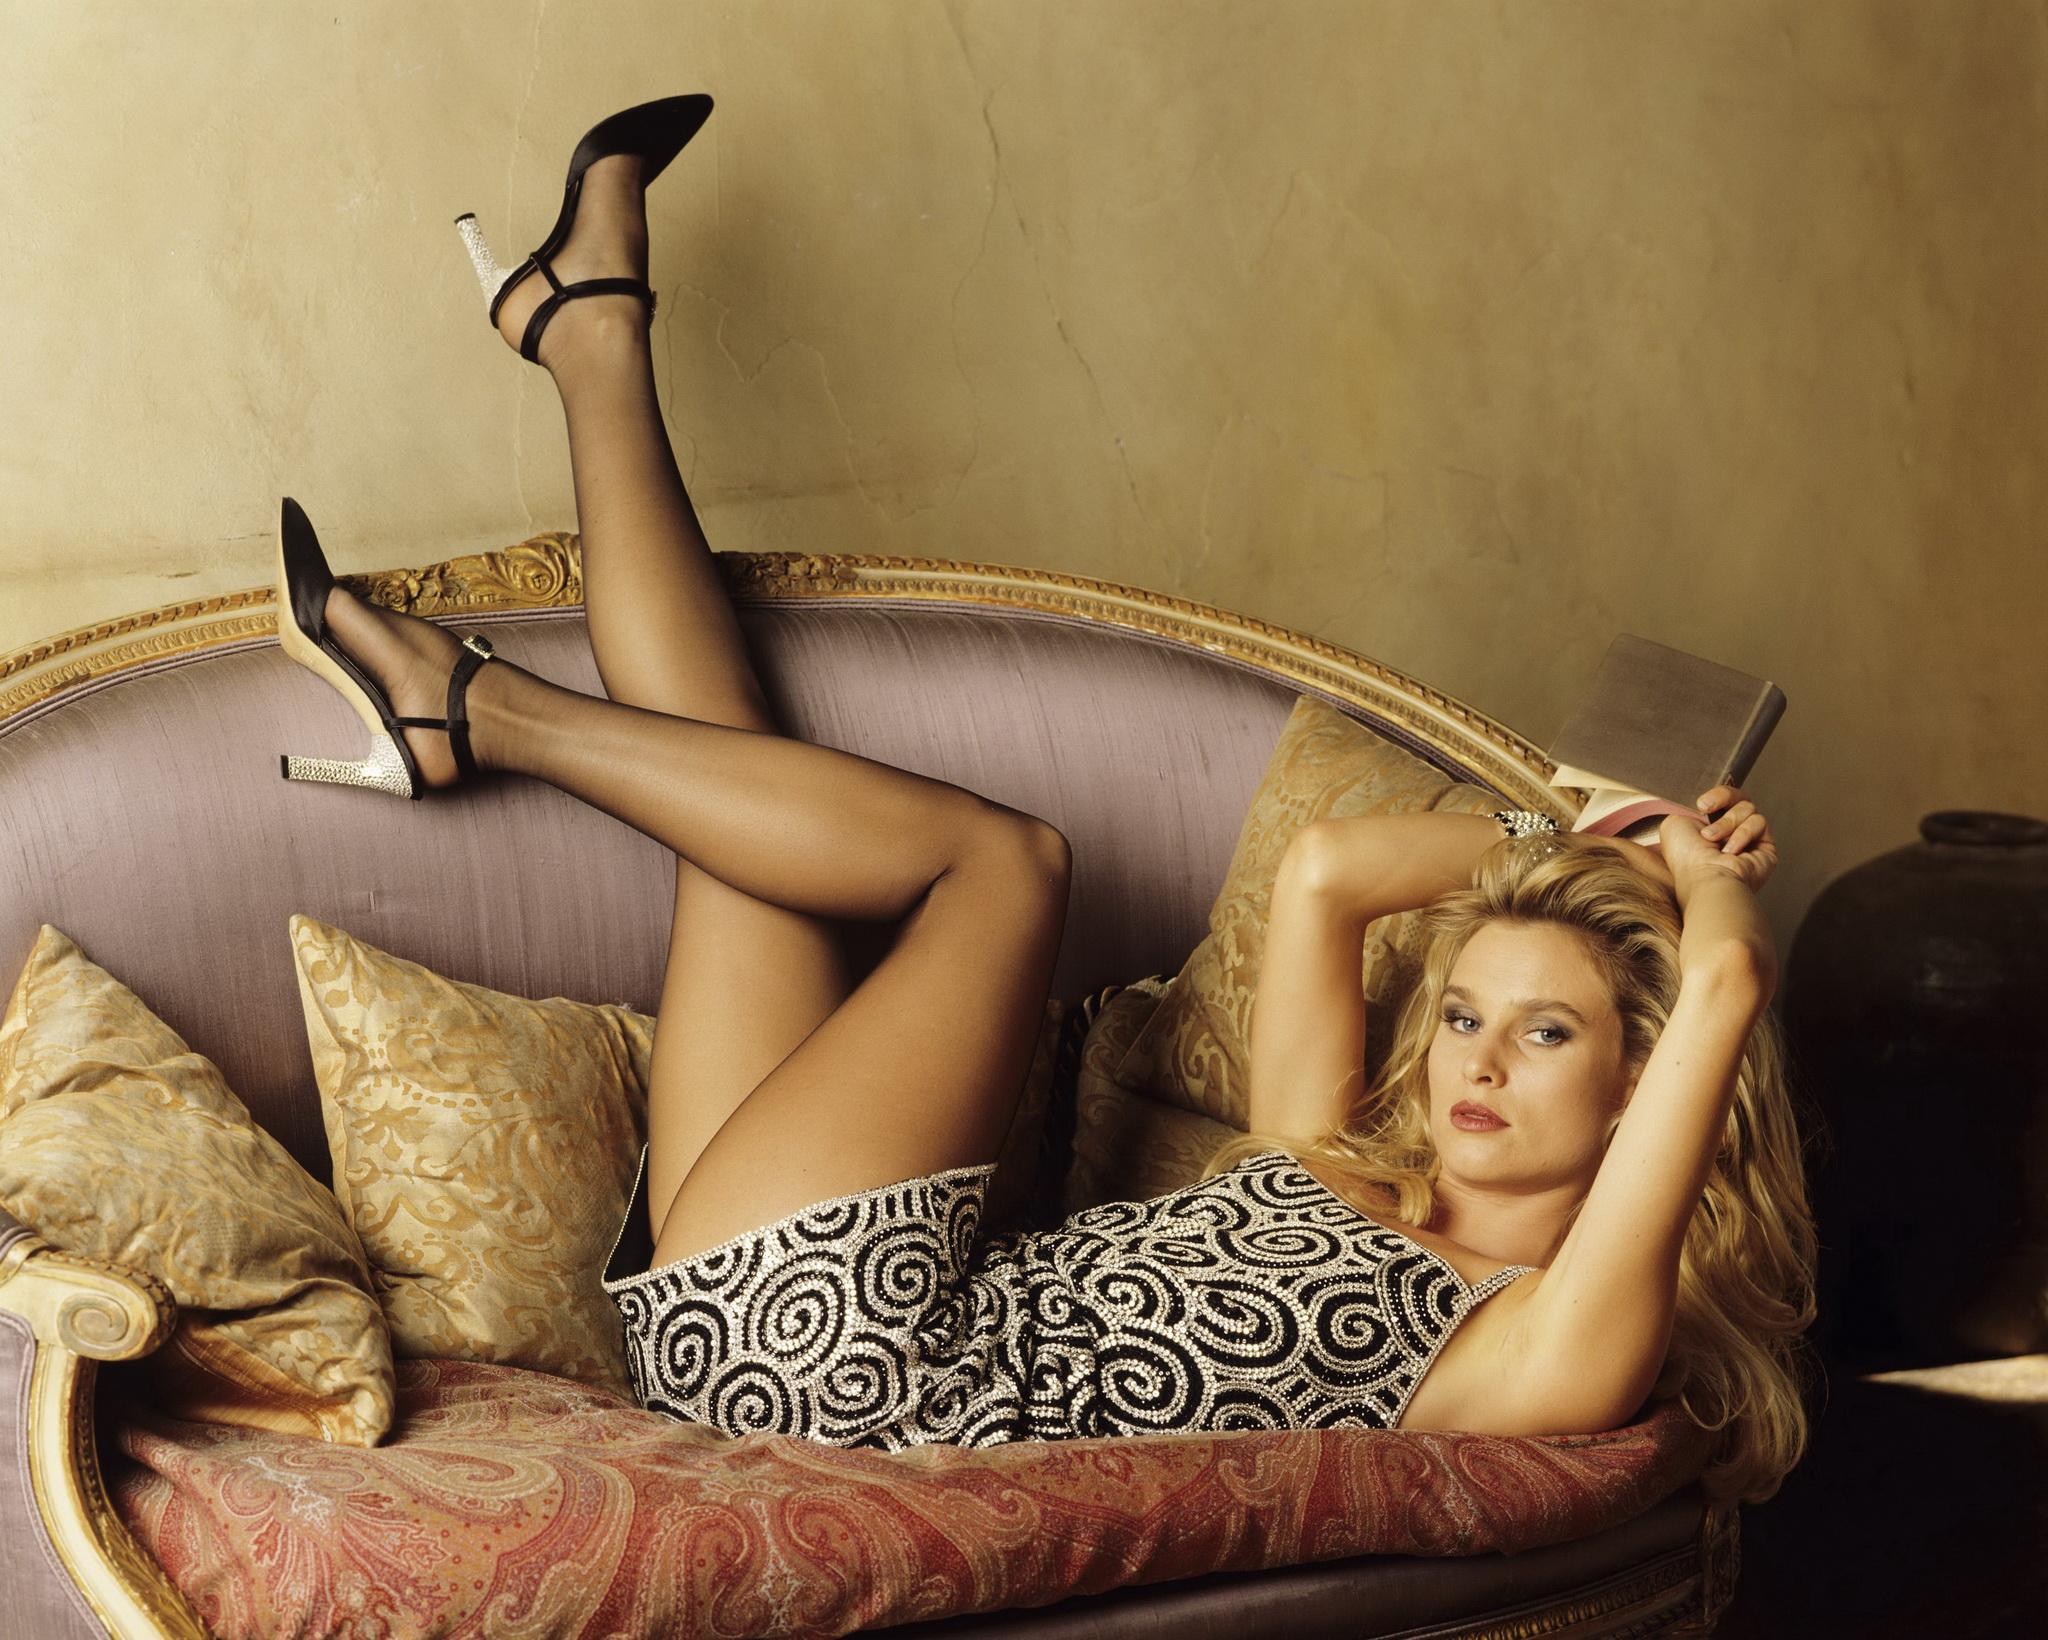 Nicollette Sheridan sul divano in collant neri